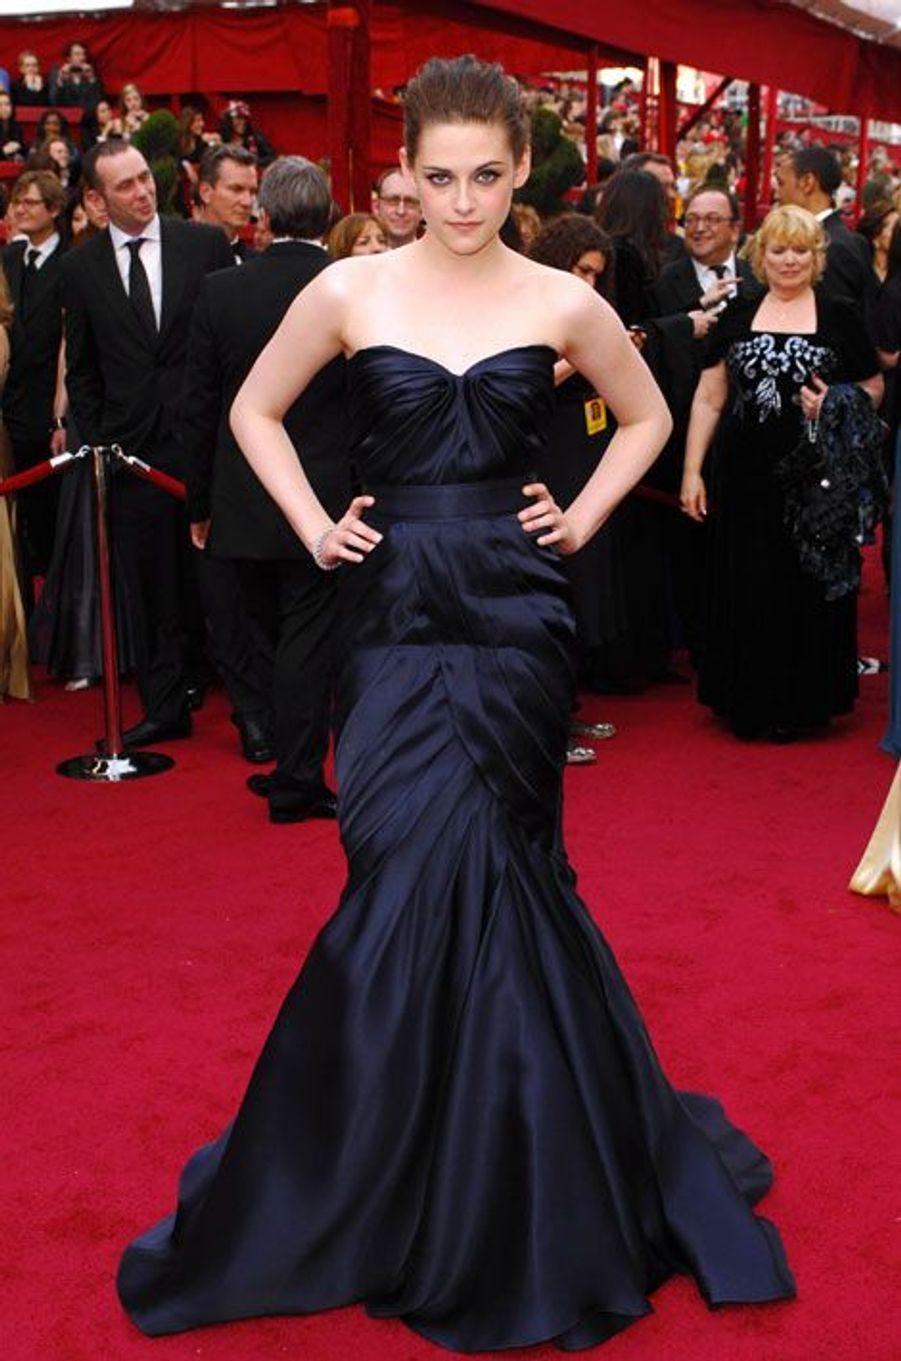 Très classique en robe sirène satinée pour la cérémonie des Oscars, le 7 mars 2010 à Los Angeles